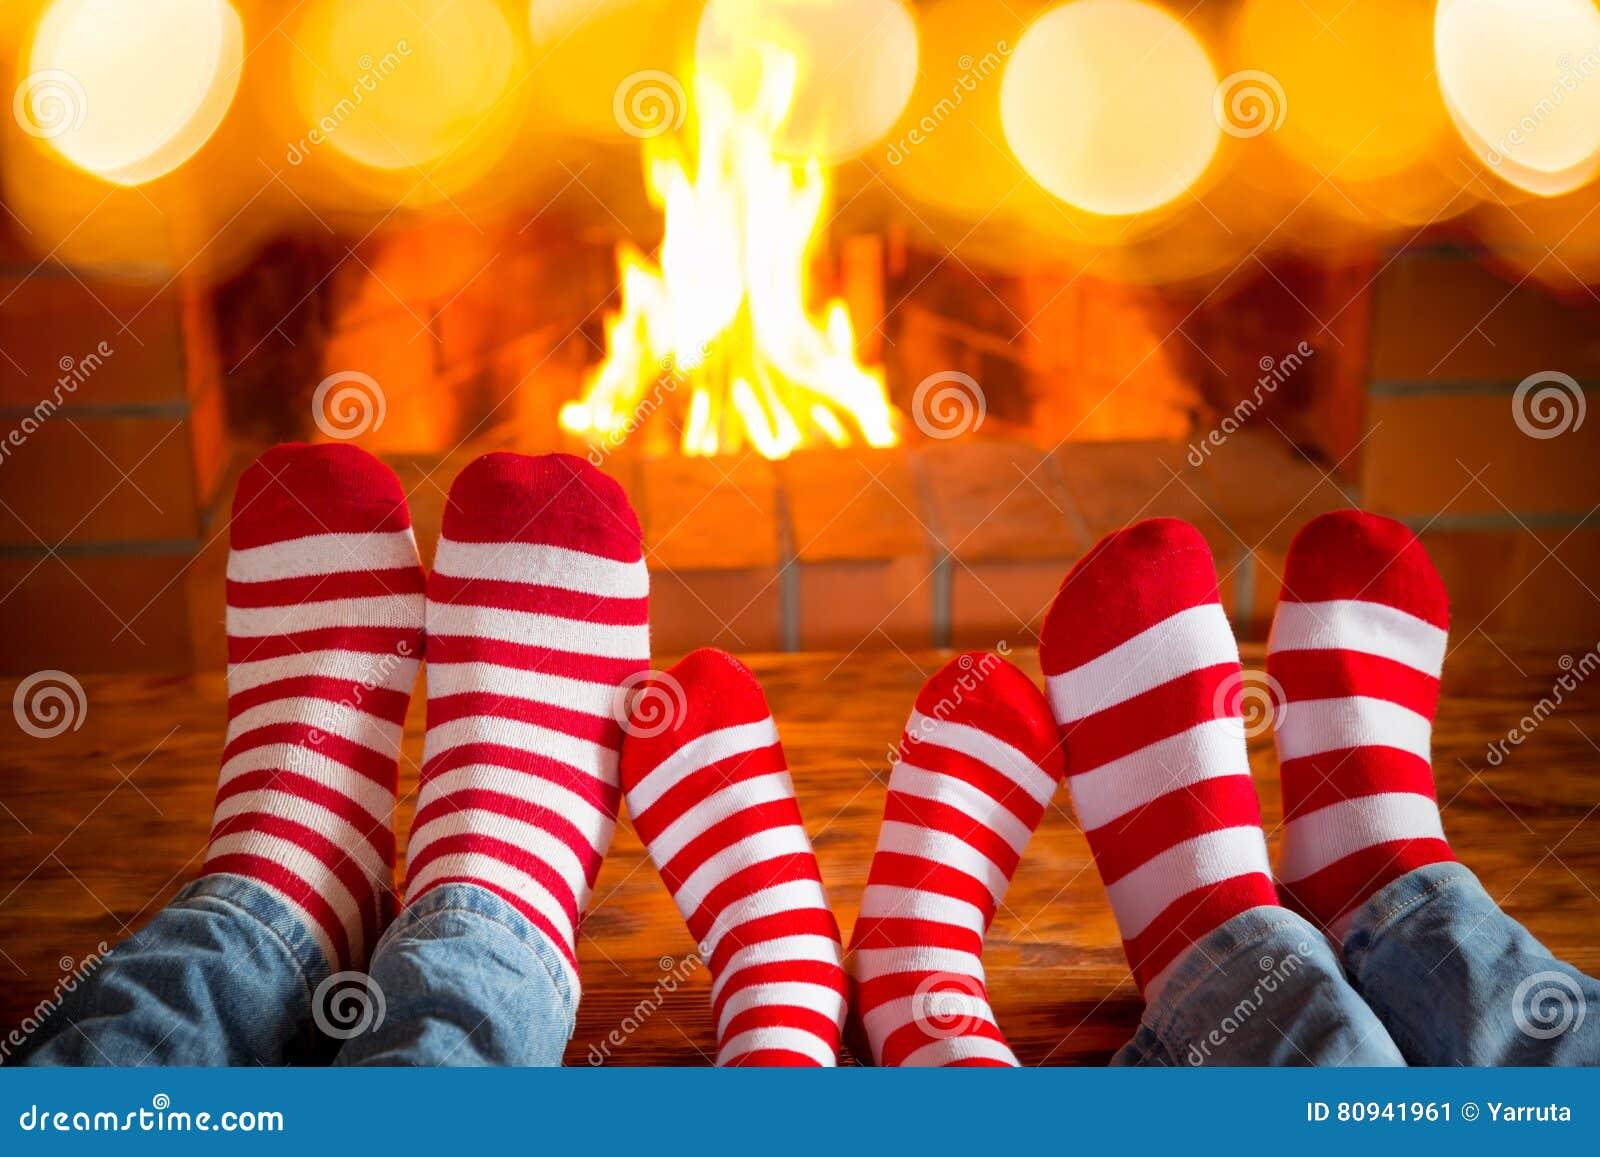 Οικογένεια Χριστουγέννων Χριστουγέννων διακοπές χειμώνας